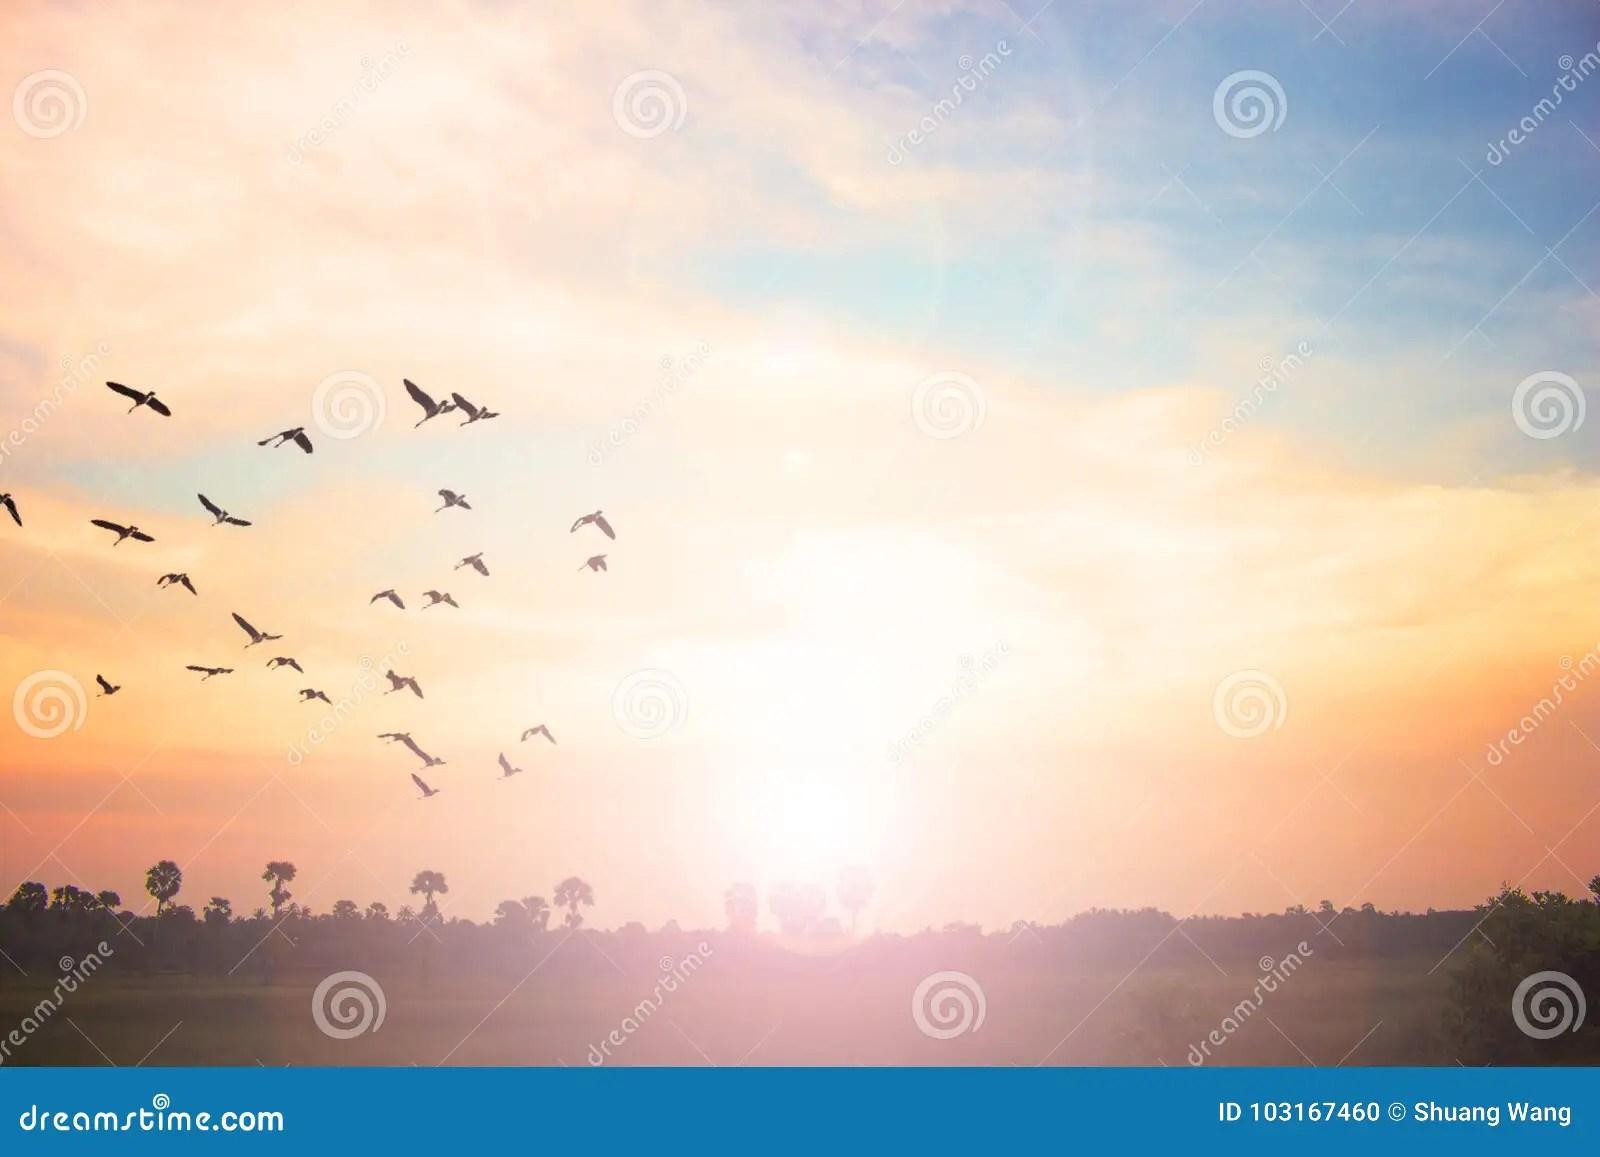 free flight of birds